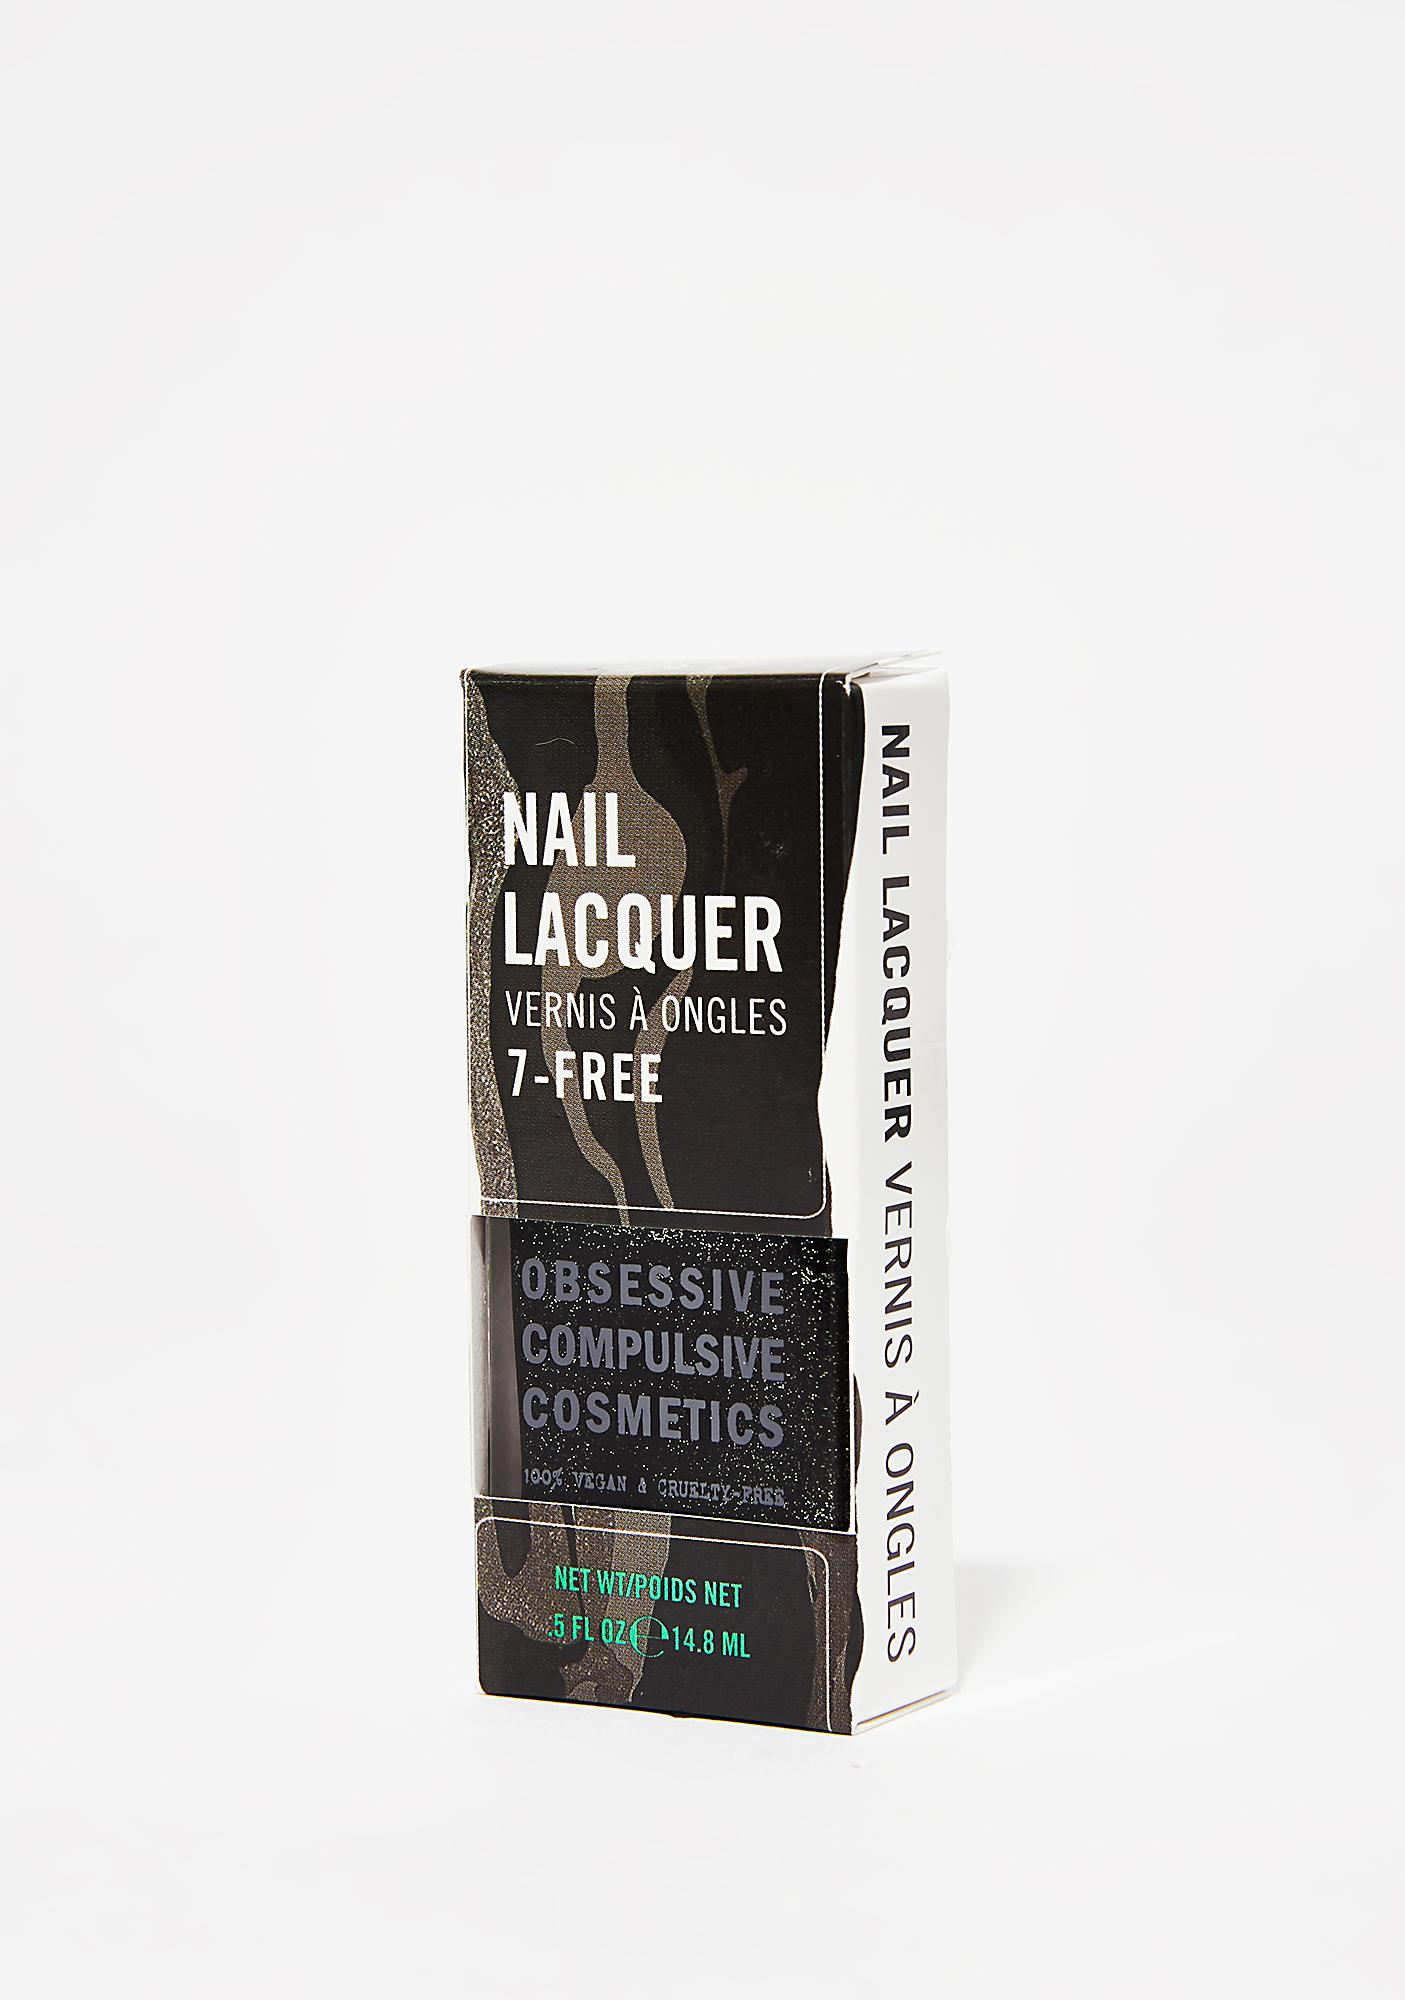 Obsessive Compulsive Cosmetics Batty Nail Lacquer